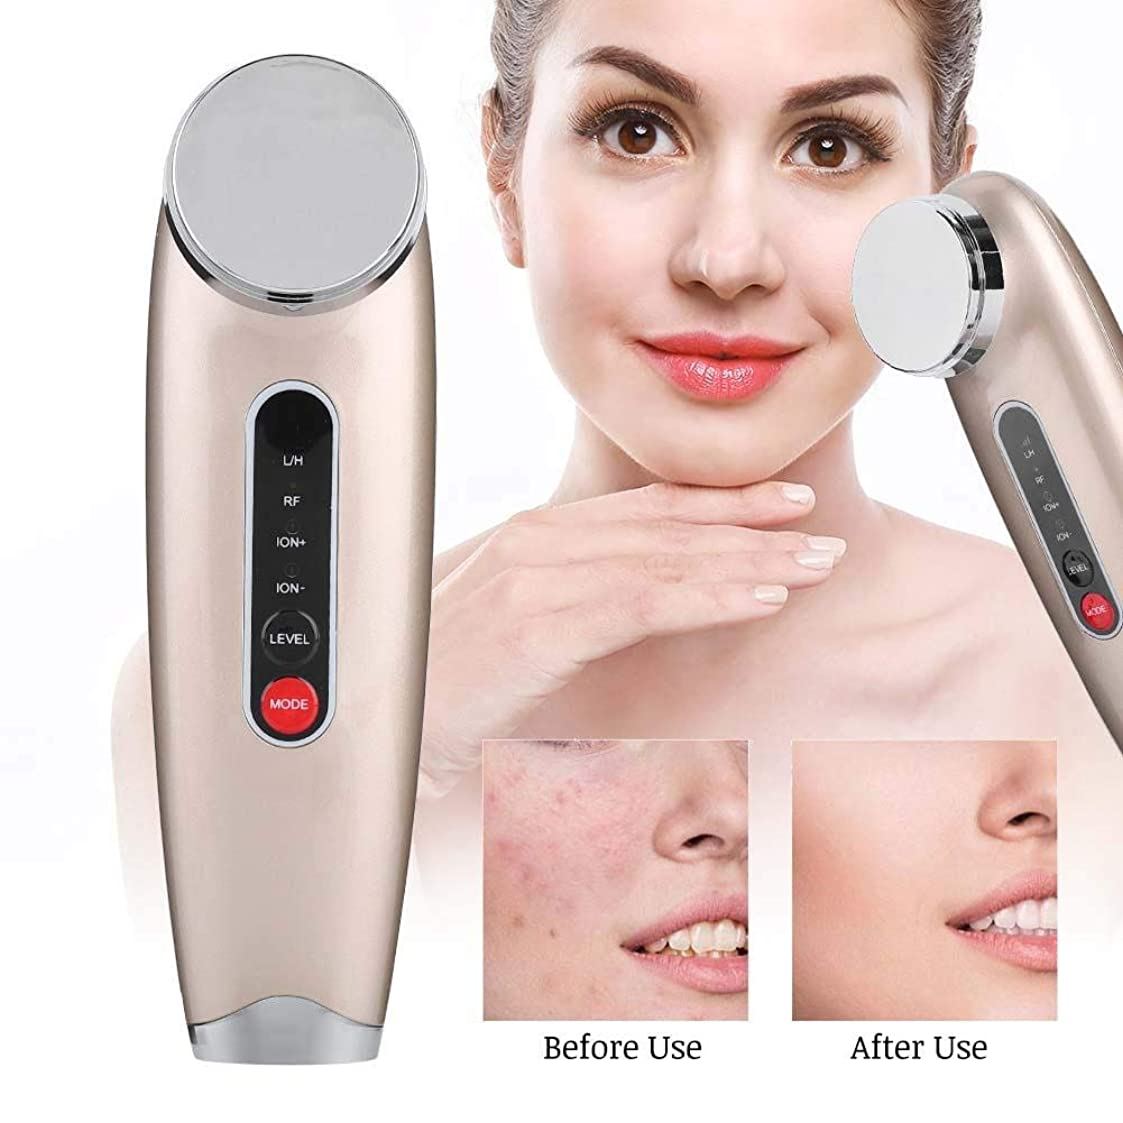 始まり性交デッキフェイシャルビューティーマシーン - しわ、スキンケア用品、洗顔料、フェイシャルリフトを引き締め、肌を若返らせるために毛穴を縮めます